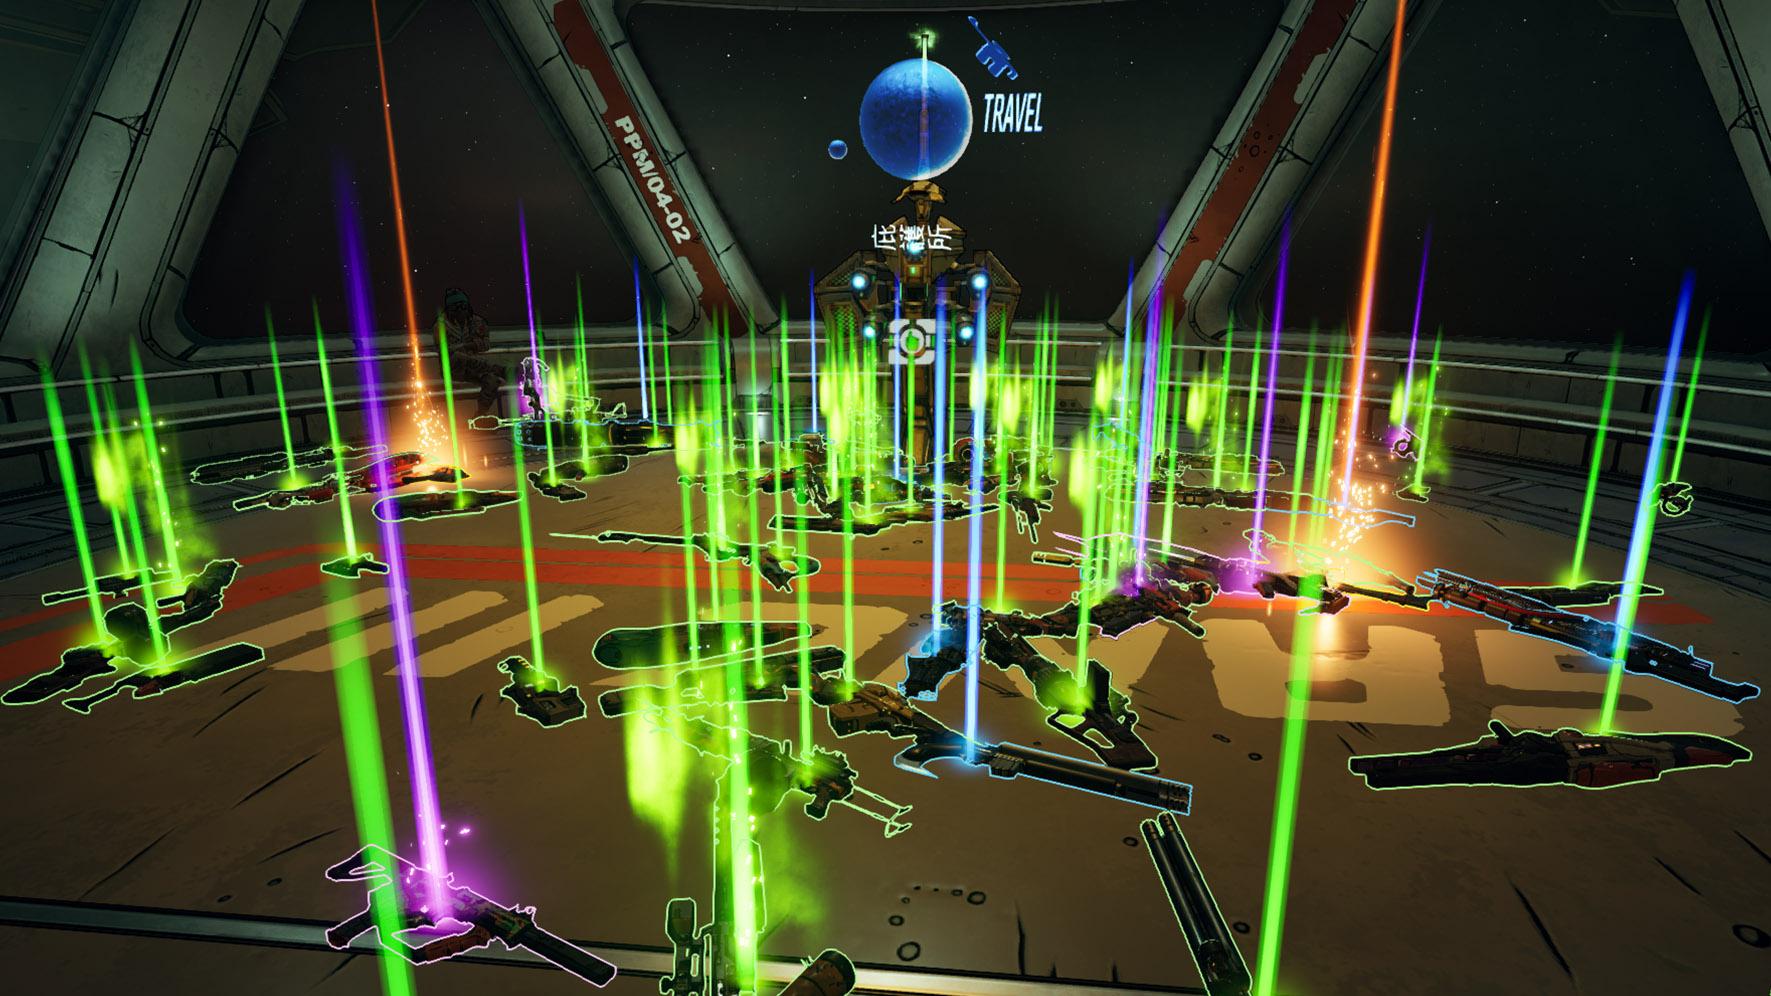 遊戲中武器組合上億種,要找到自己喜歡的可能要刷上不少時間了。